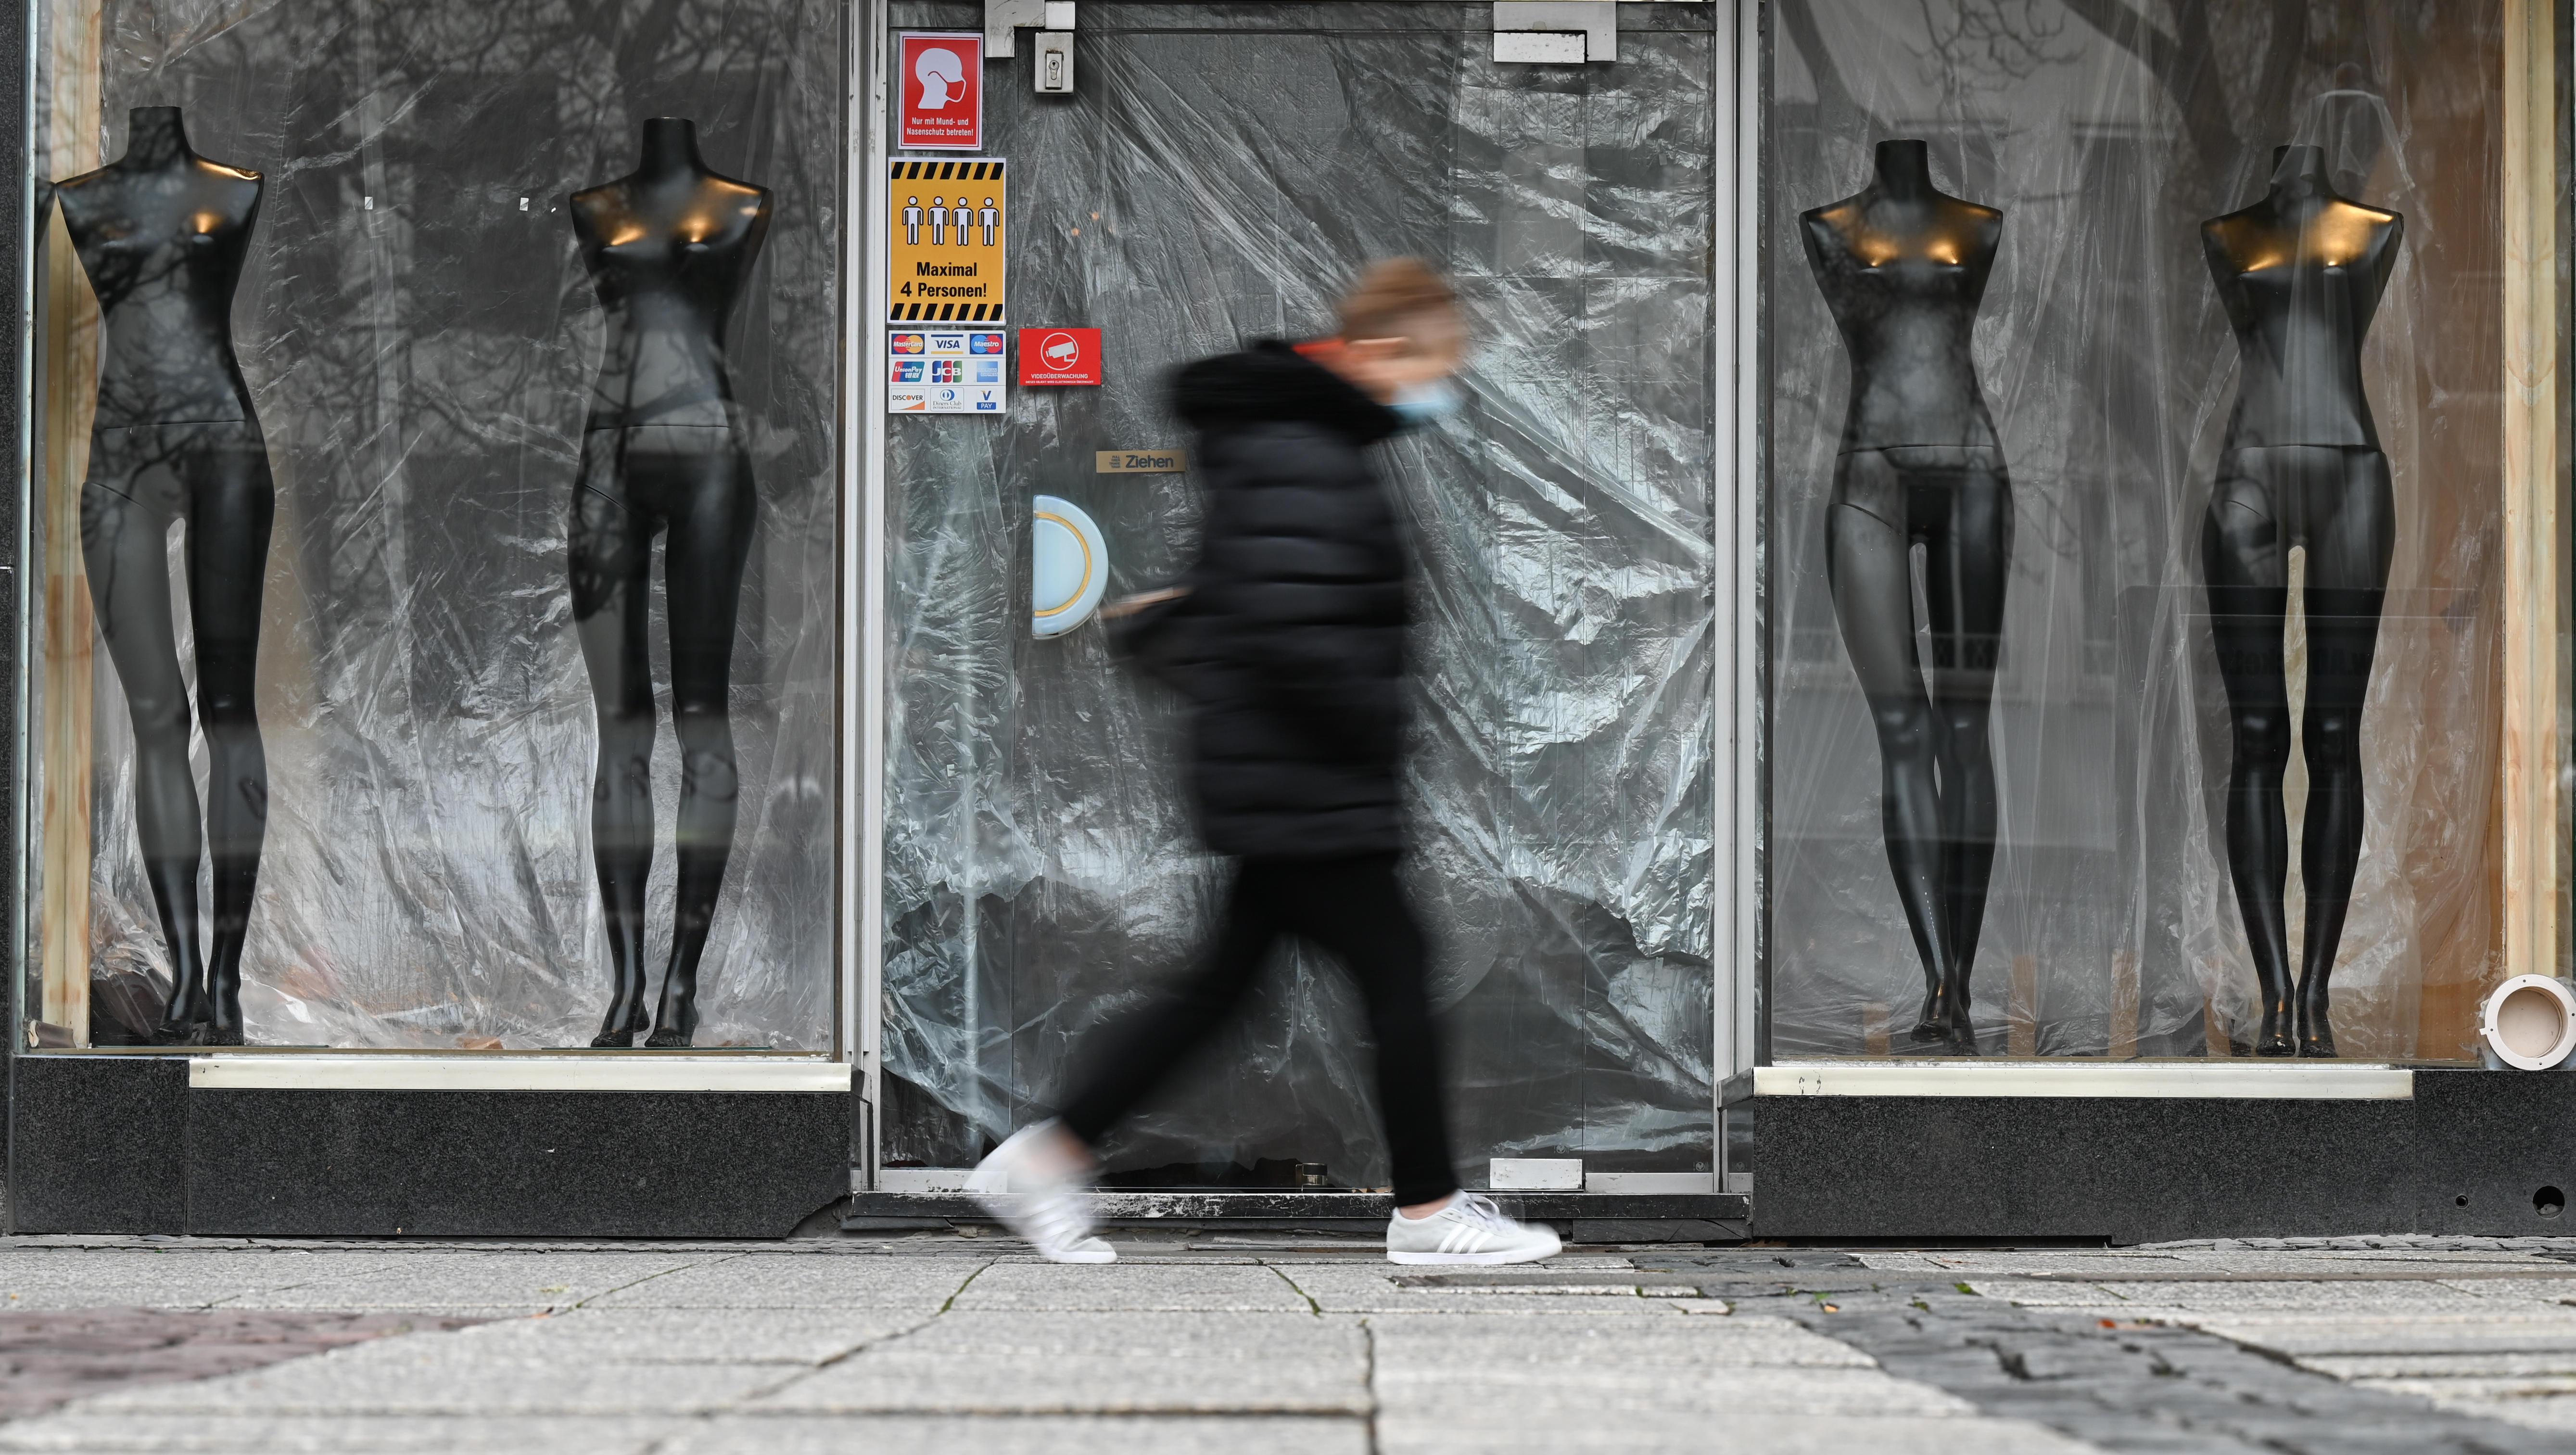 Shoppen statt Urlaub: Einzelhandel verzeichnete 2020 historisches Umsatzplus